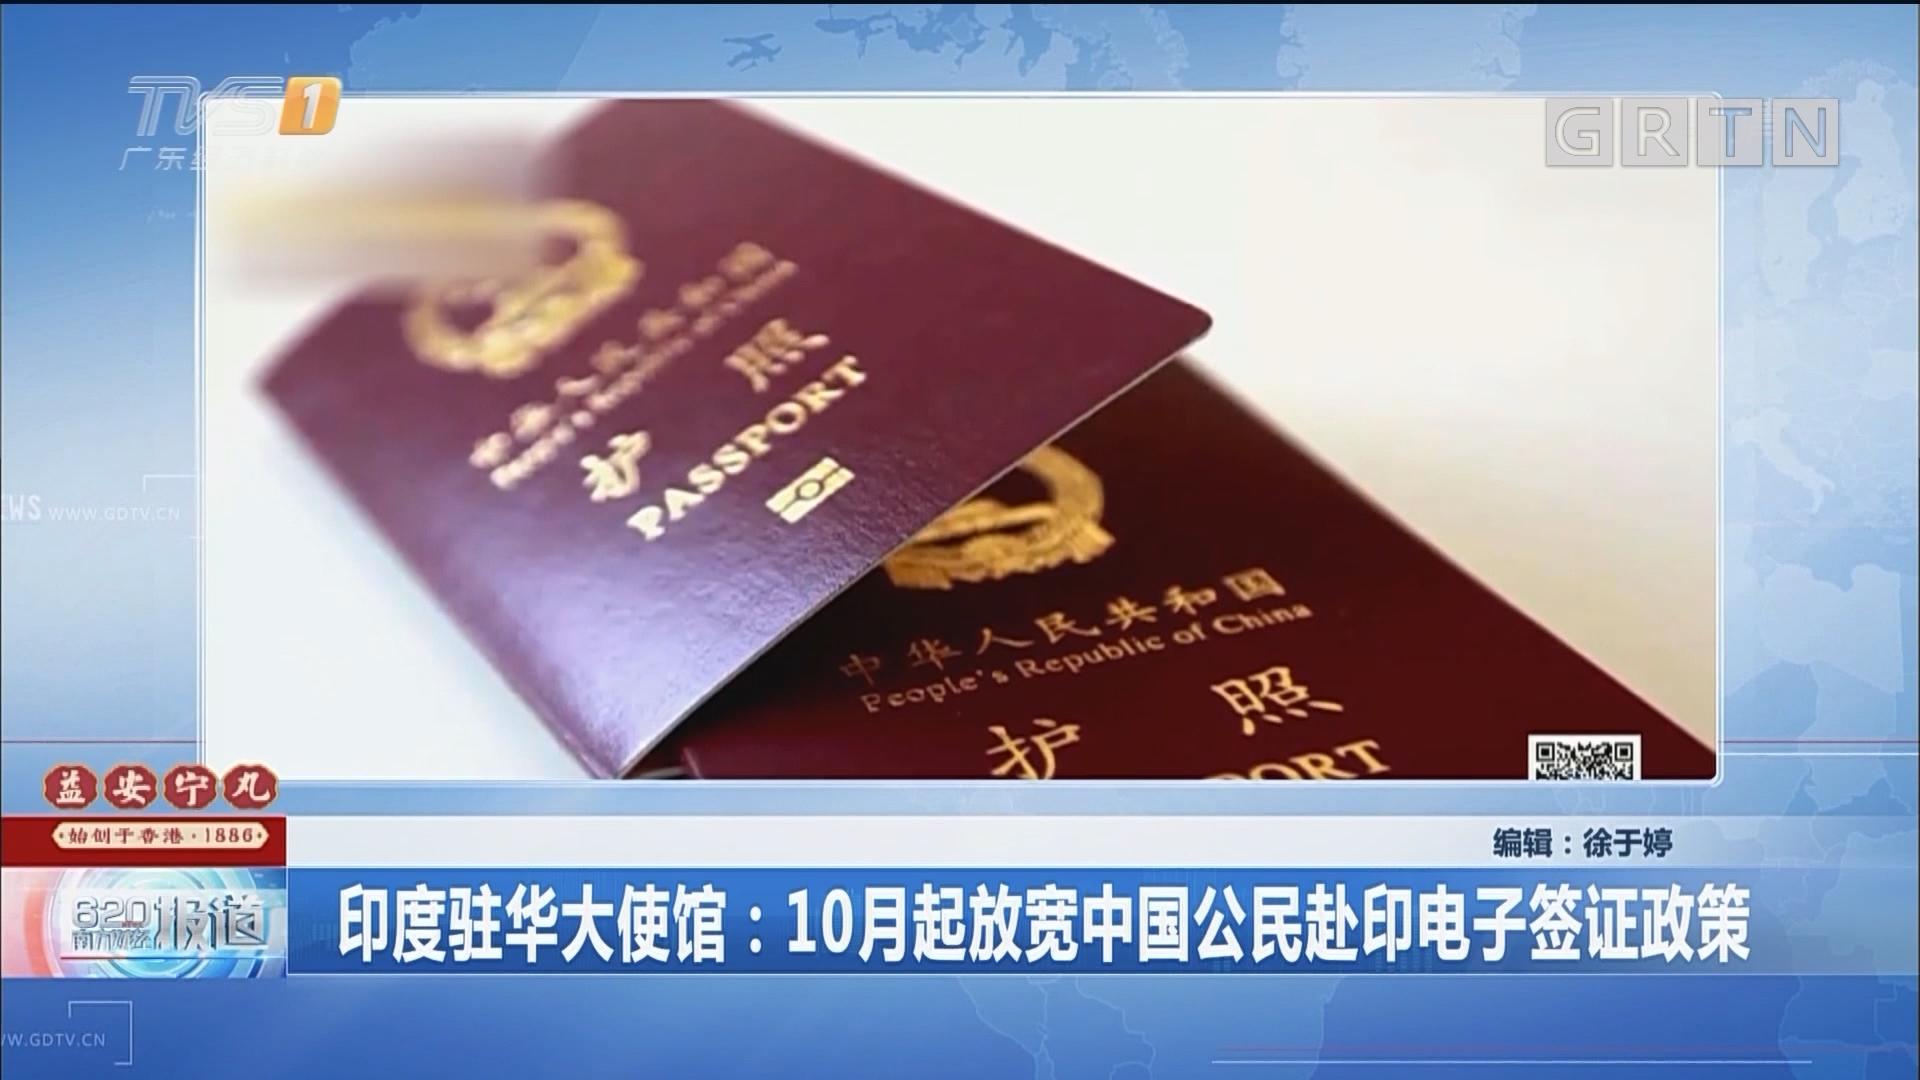 印度驻华大使馆:10月起放宽中国公民赴印电子签证政策